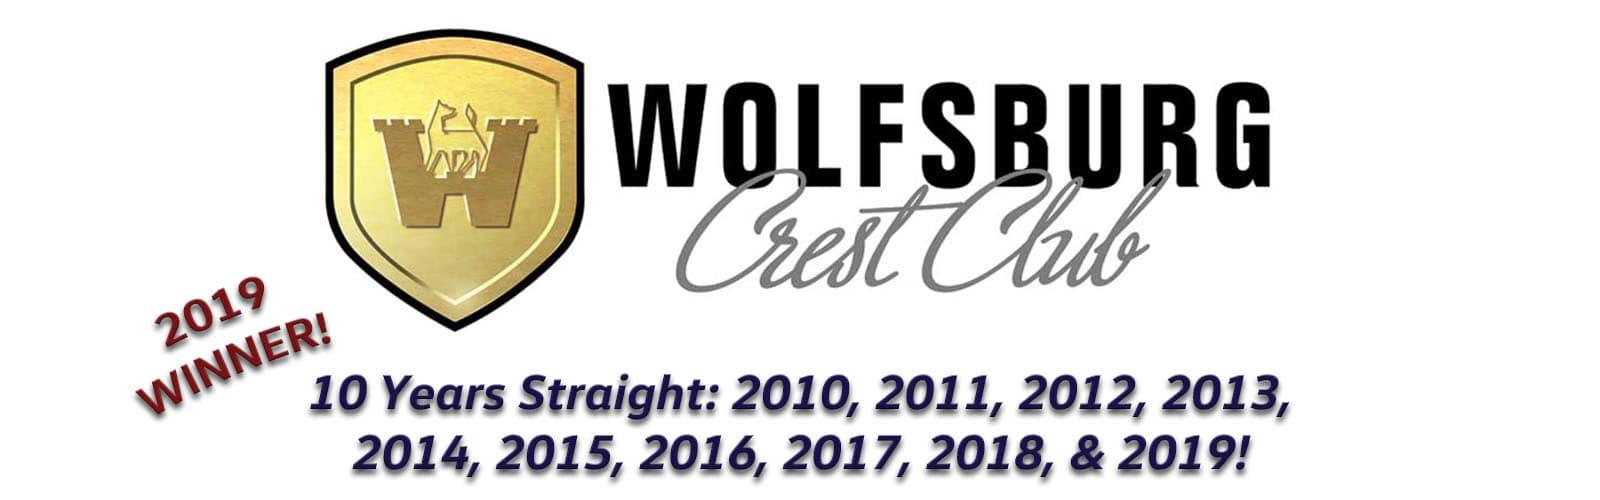 Wolfsburg Crest Club Winner for 2019!